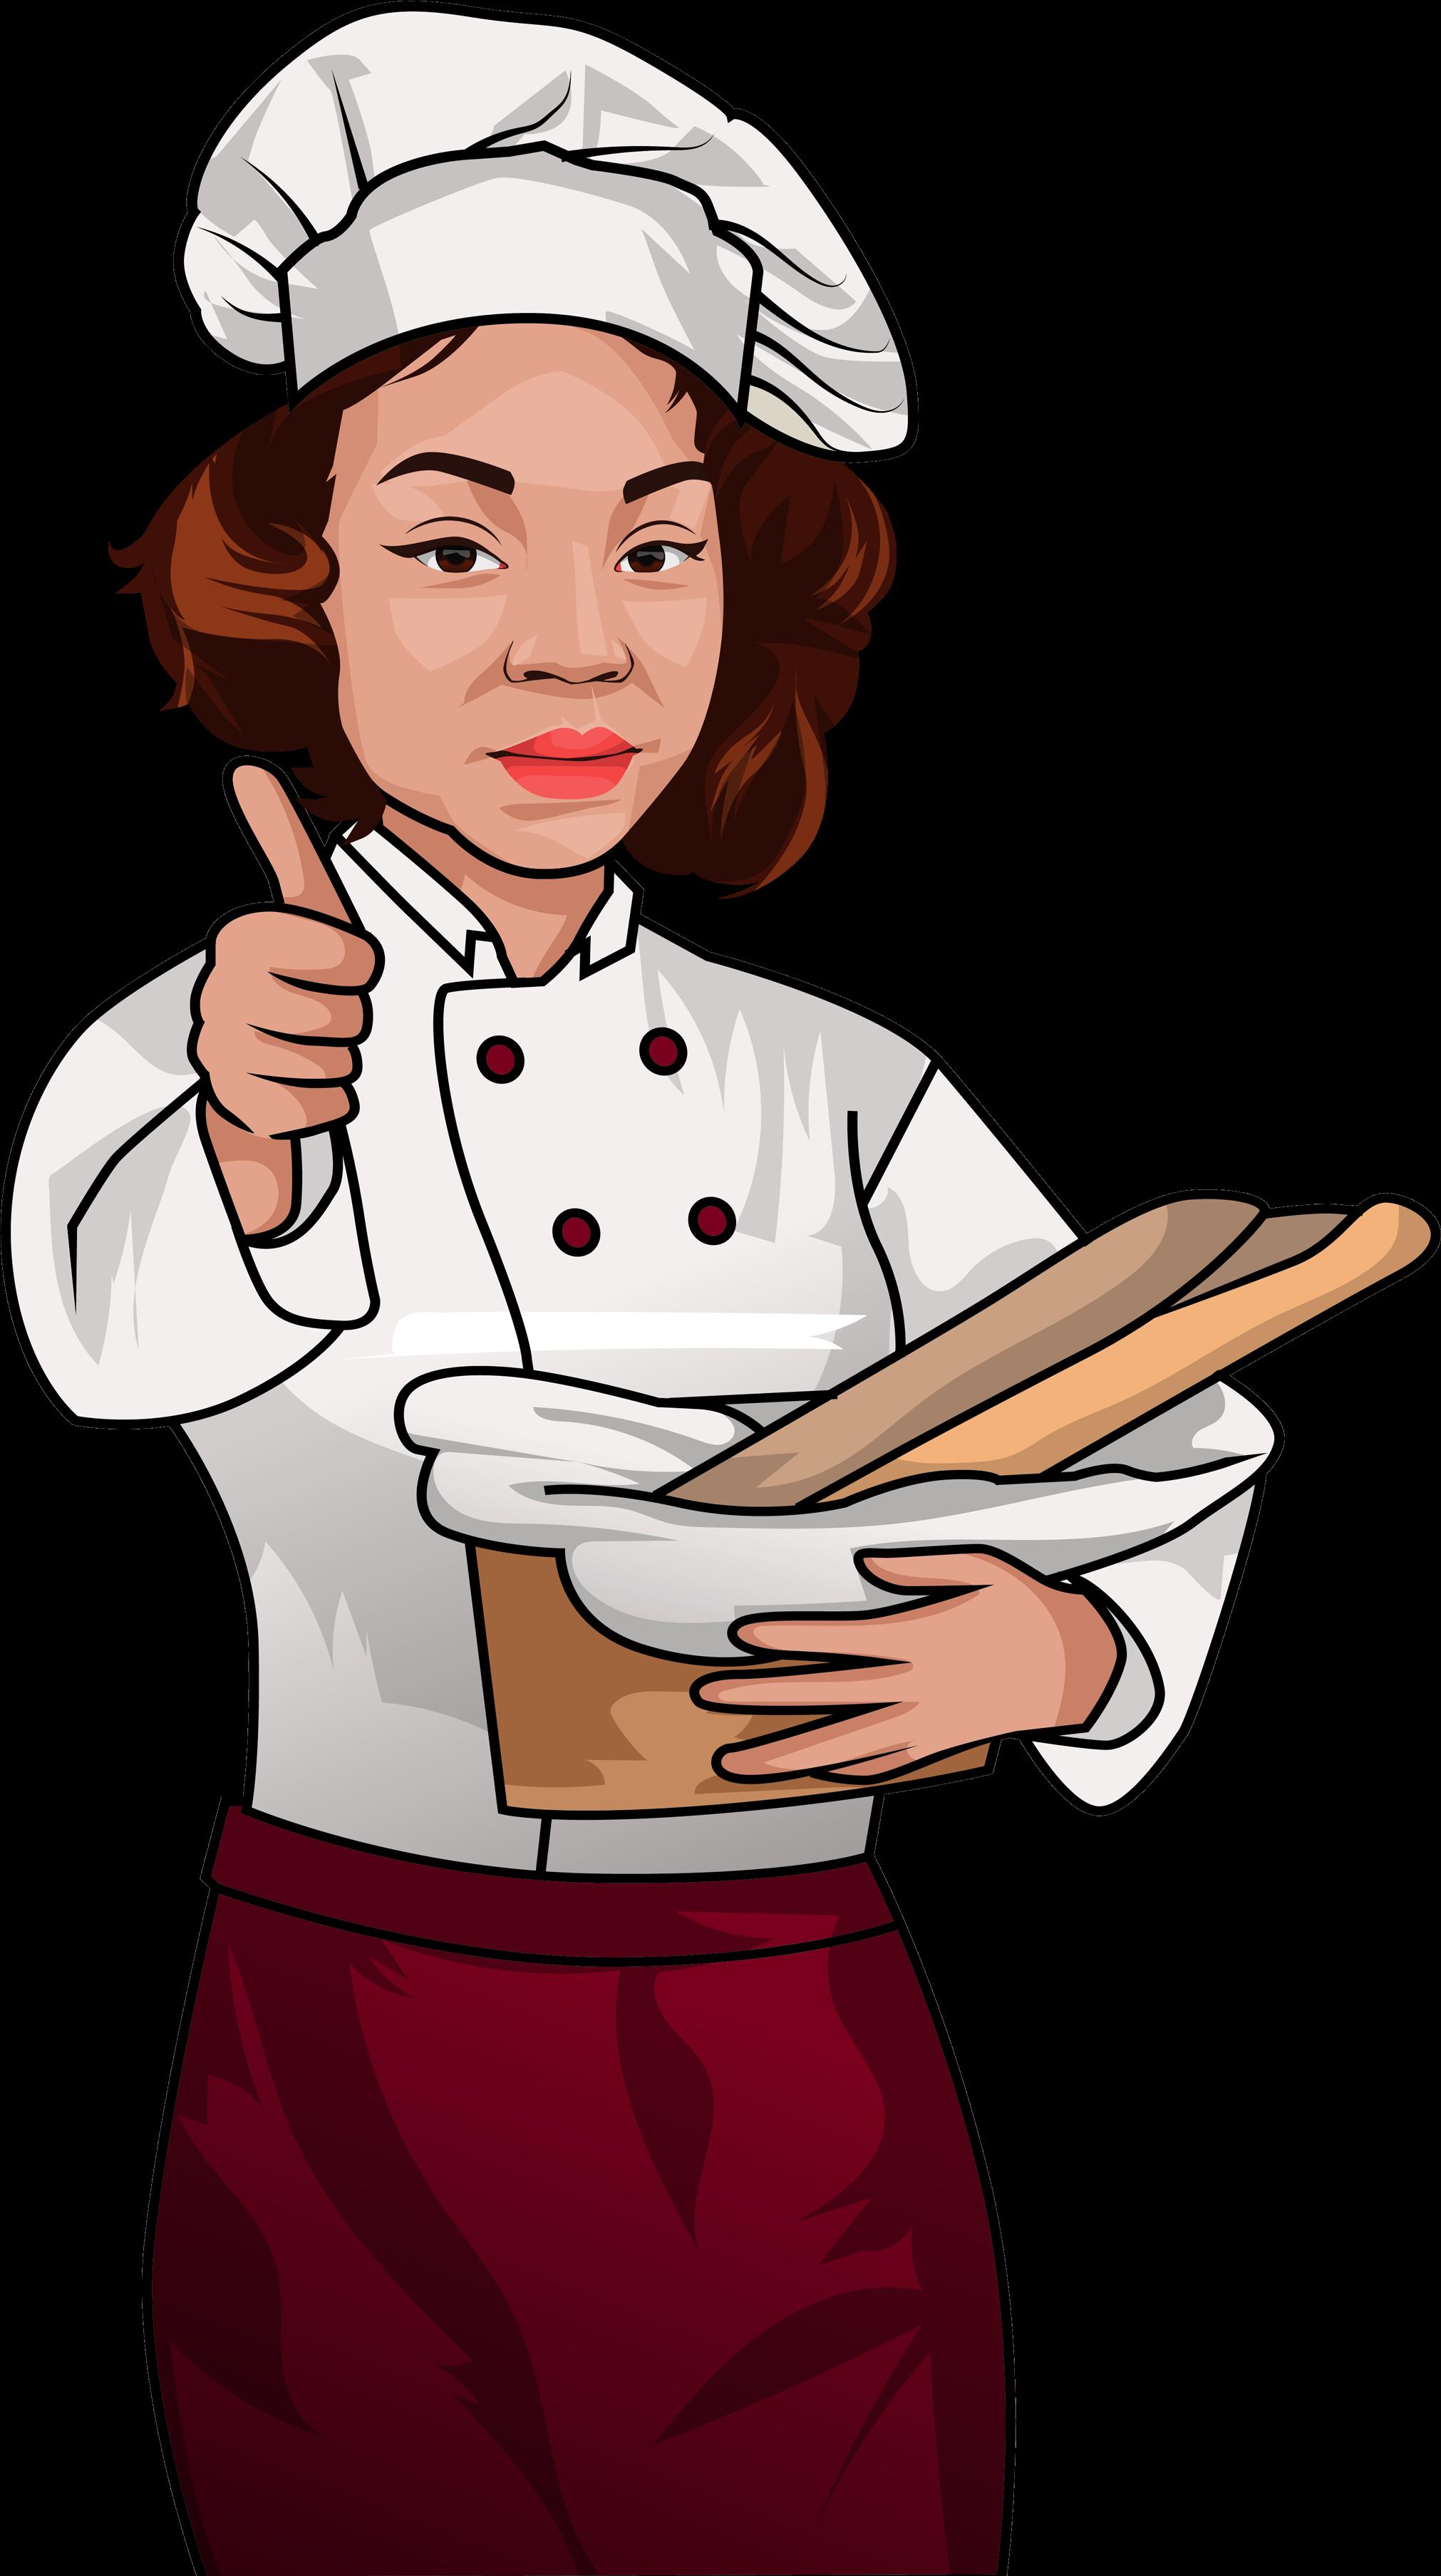 Chef Cloche Stock Illustrations – 2,554 Chef Cloche Stock Illustrations,  Vectors & Clipart - Dreamstime